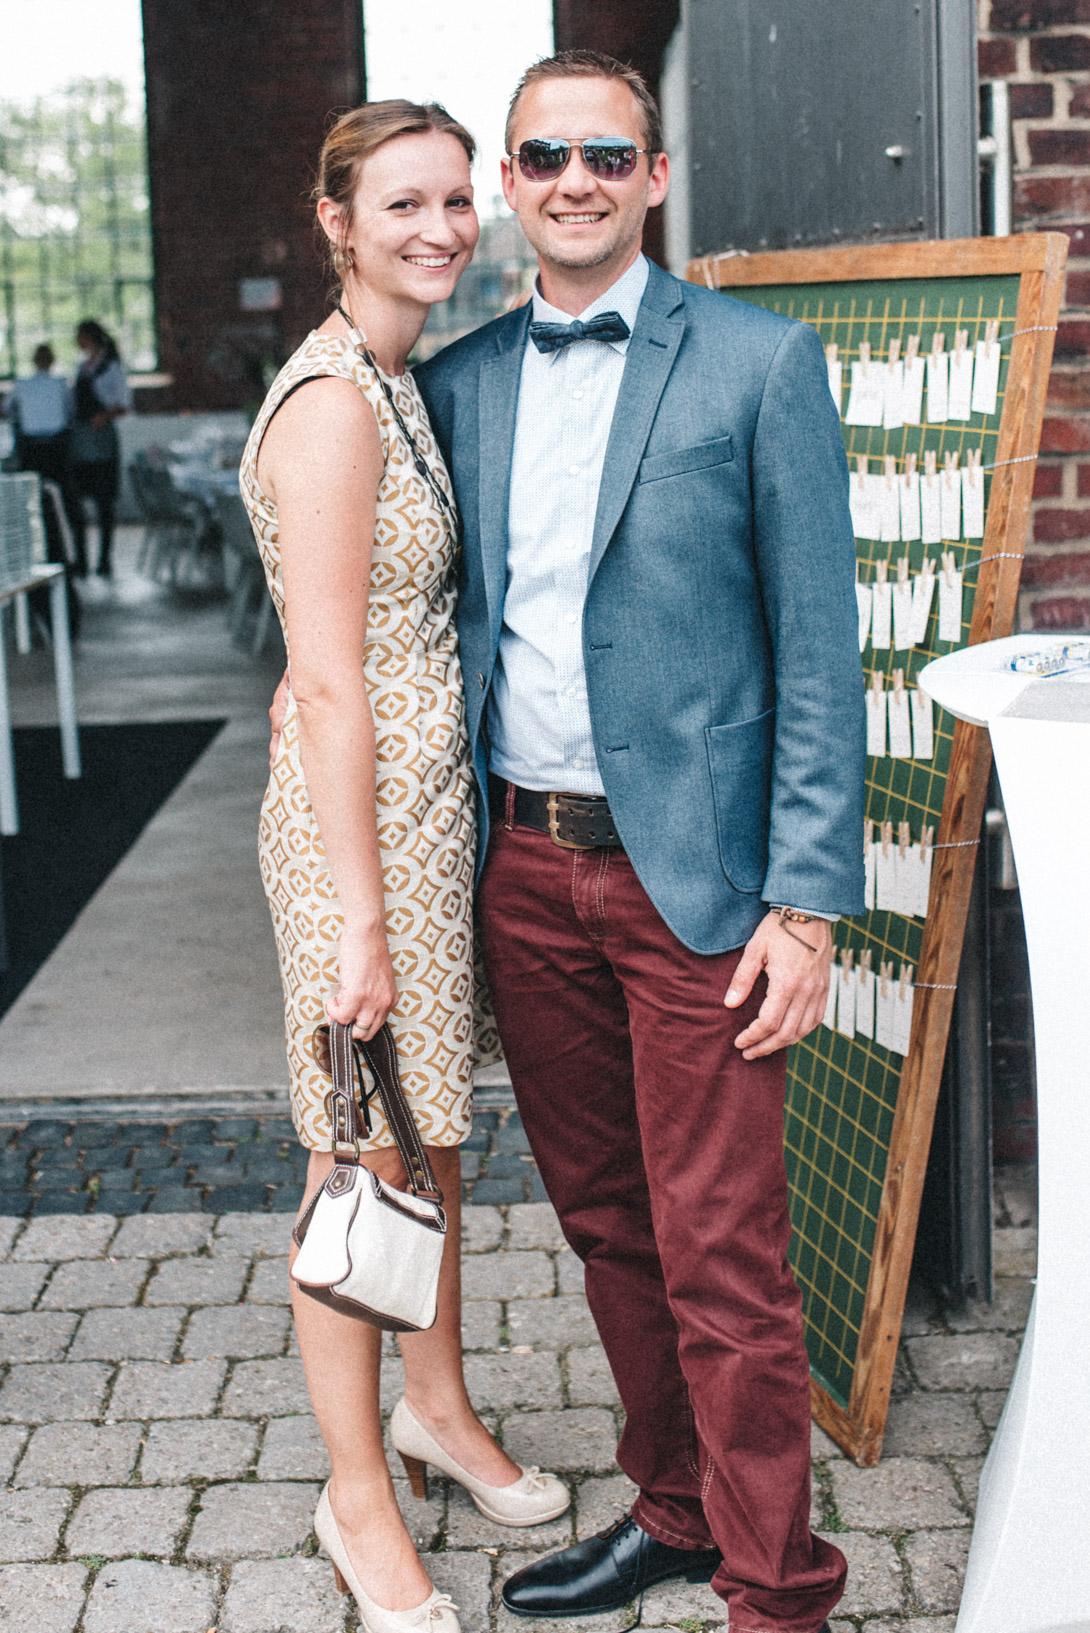 diy-hochzeitsfotos-werkstatt-stomberg-vintage-63 Feli & Bene Hochzeit in der Werkstatt Stromberg Waltropdiy hochzeitsfotos werkstatt stomberg vintage 63